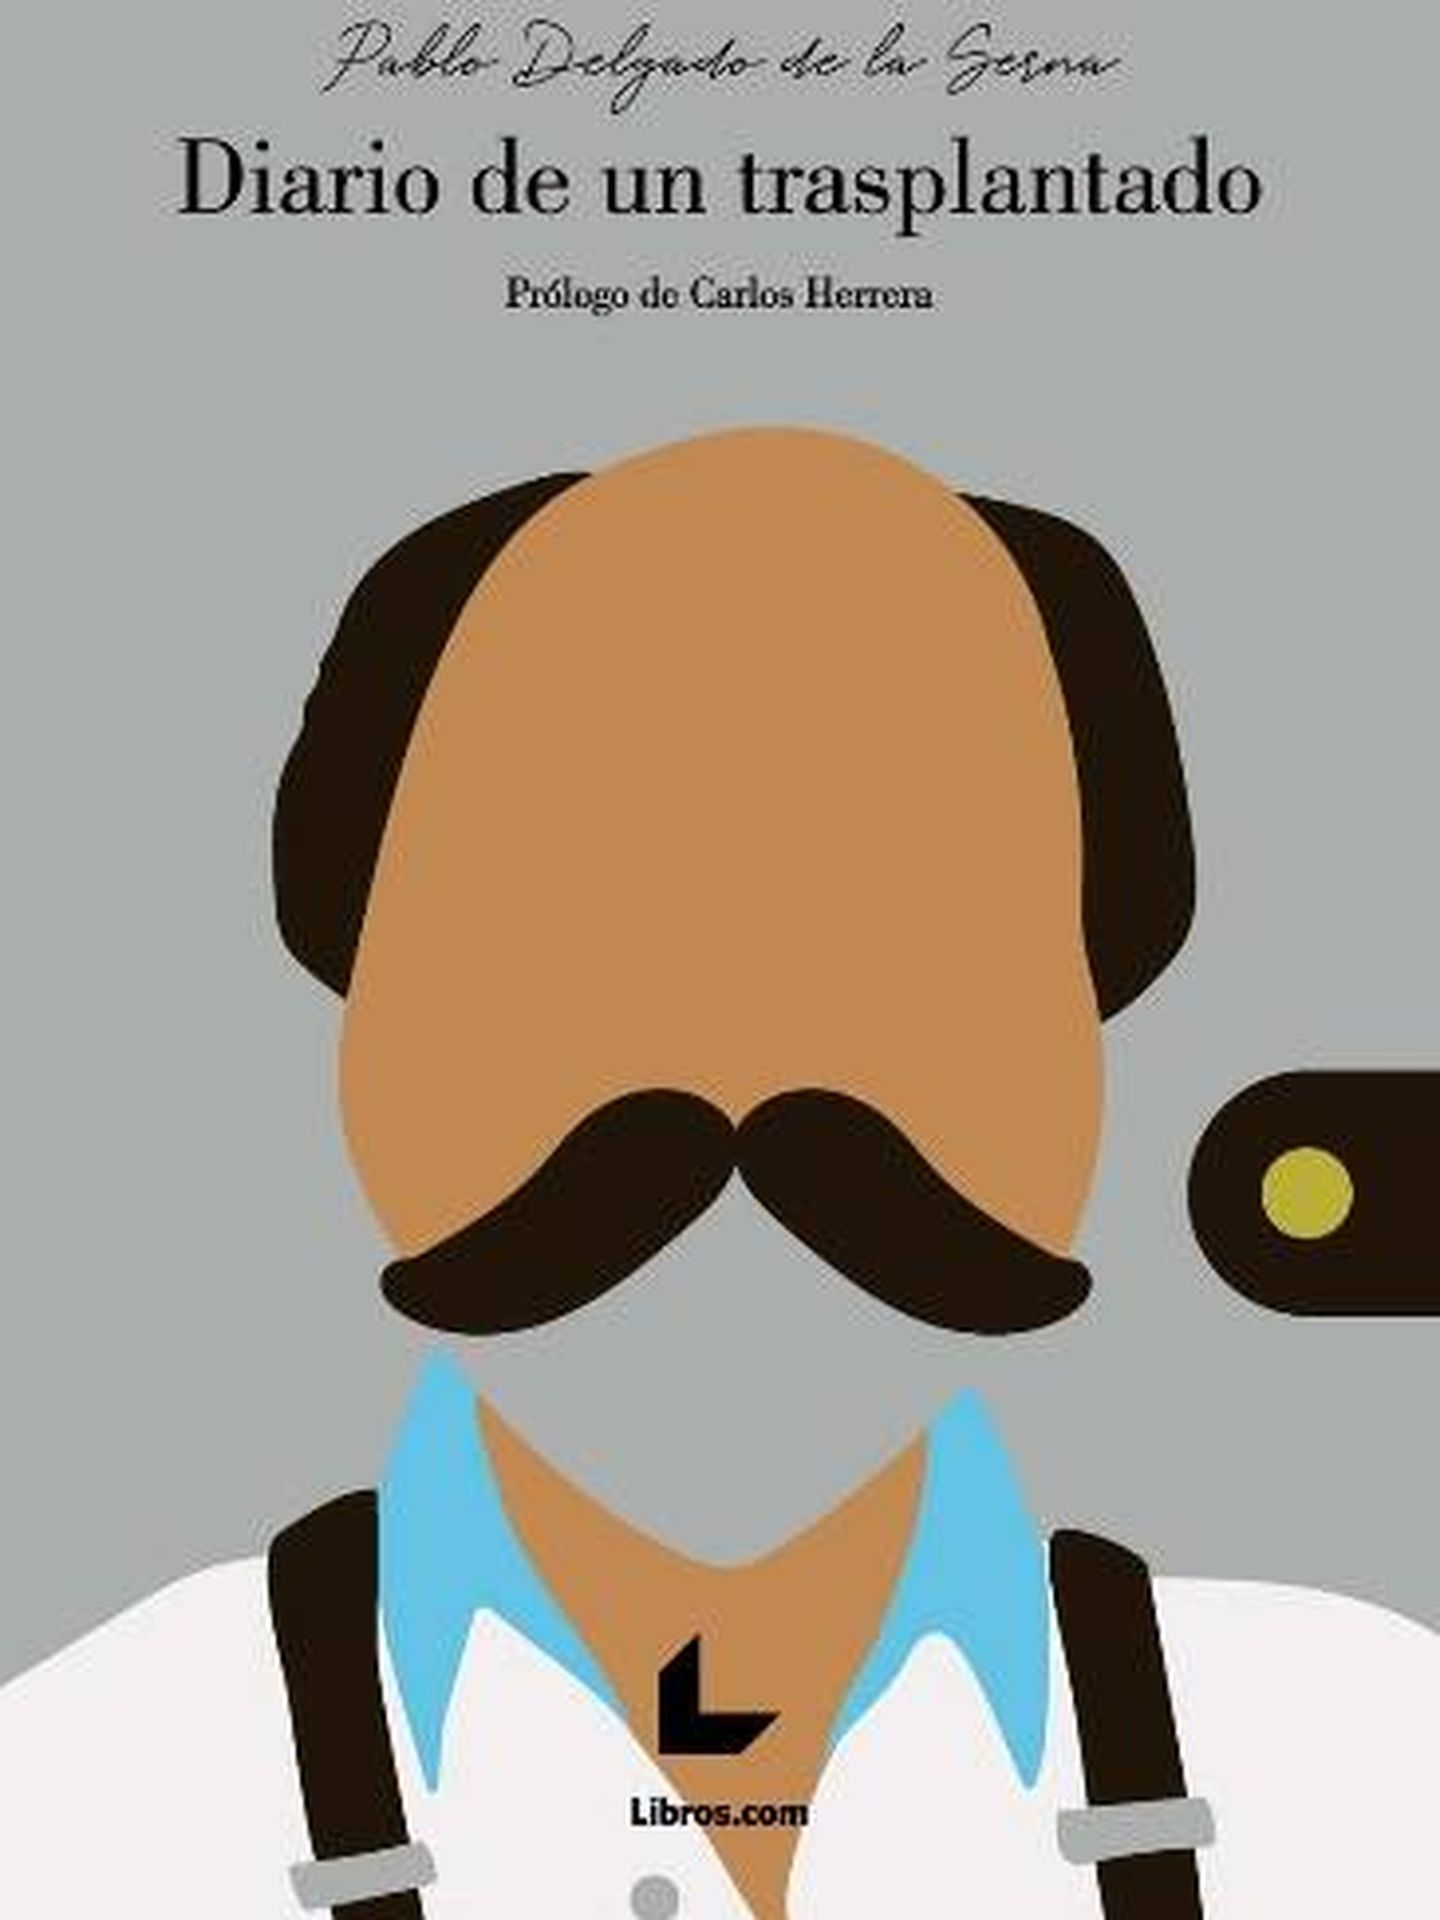 'Diario de un trasplantado', Libros.com.